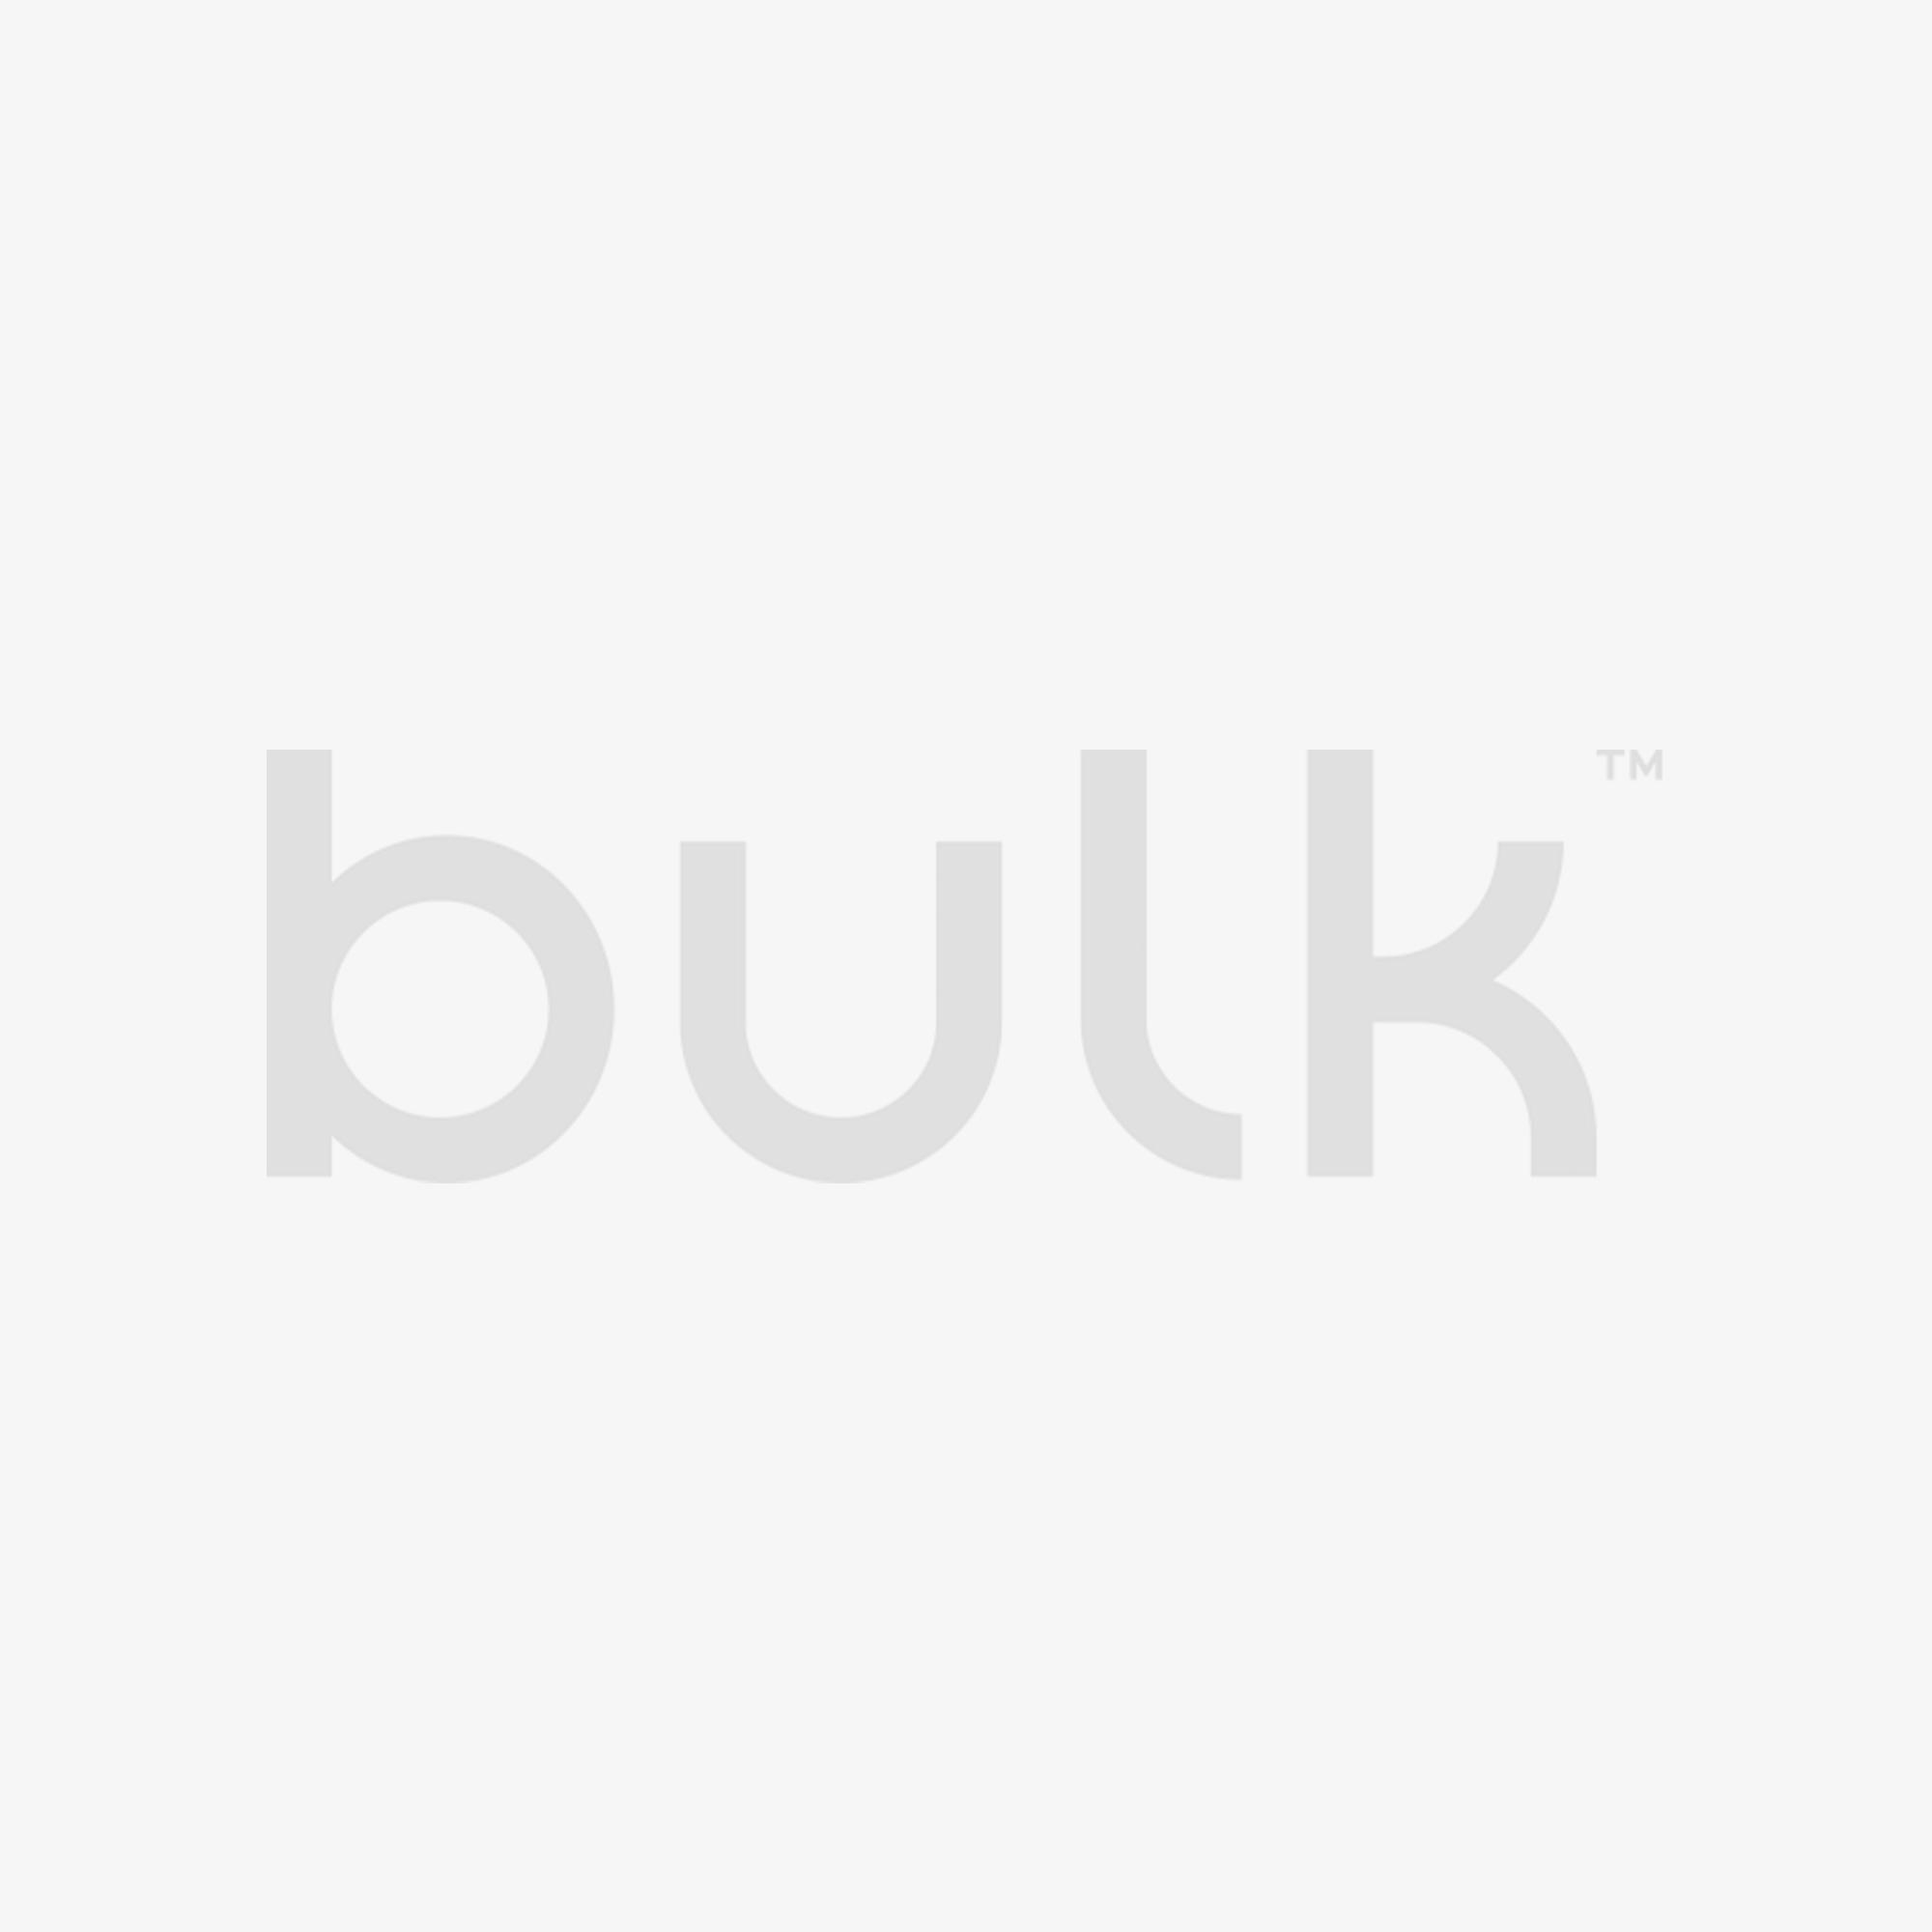 BULK POWDERS™ Wrist Wraps